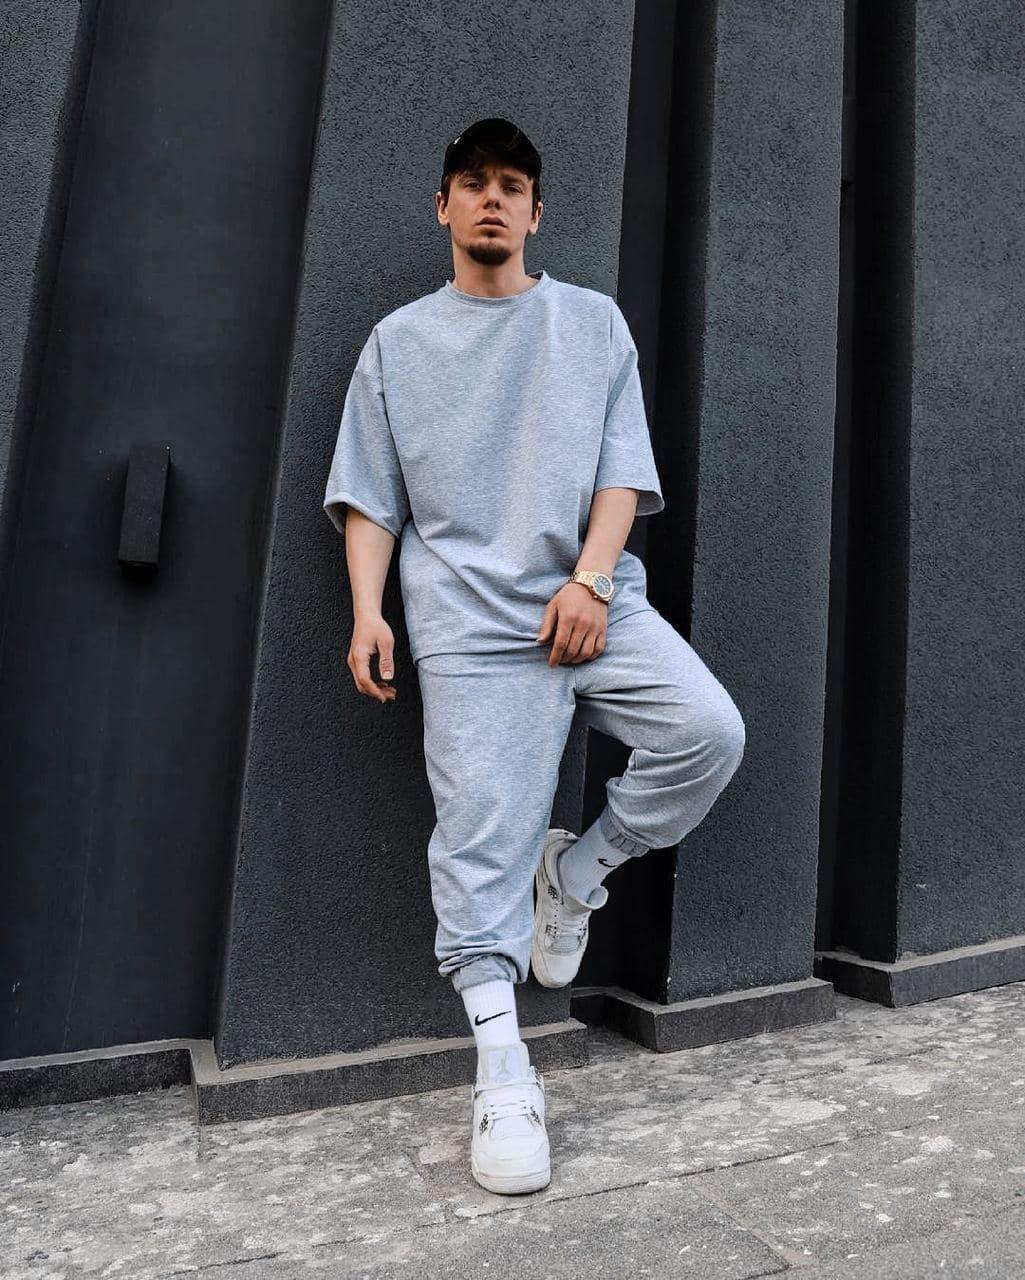 Спортивний костюм Чоловічий спортивний комплект / чоловічий комплект штани+футболка світлий